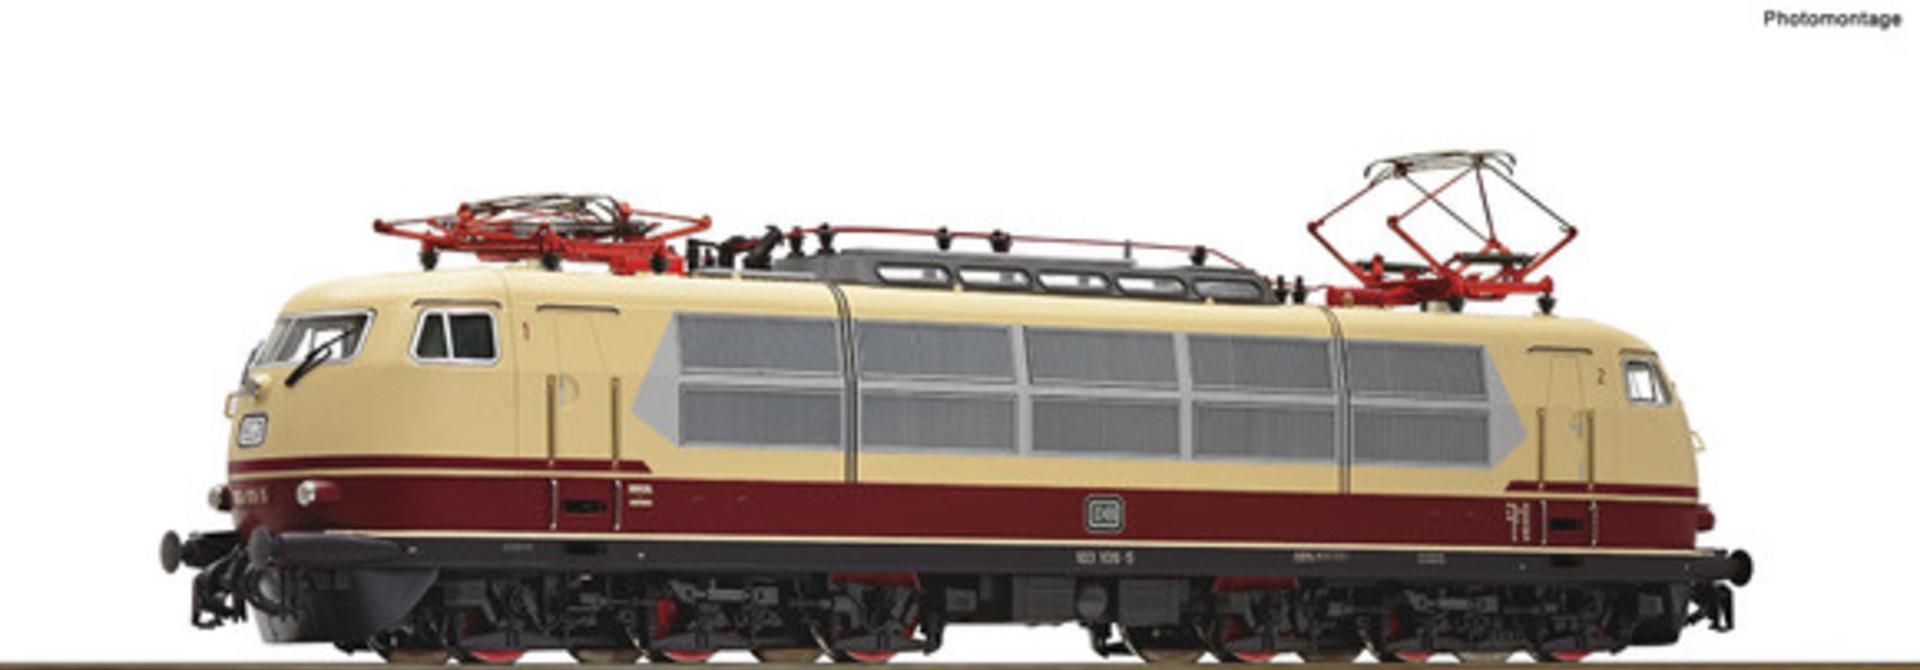 70212 Elektrische locomotief 103 109-5